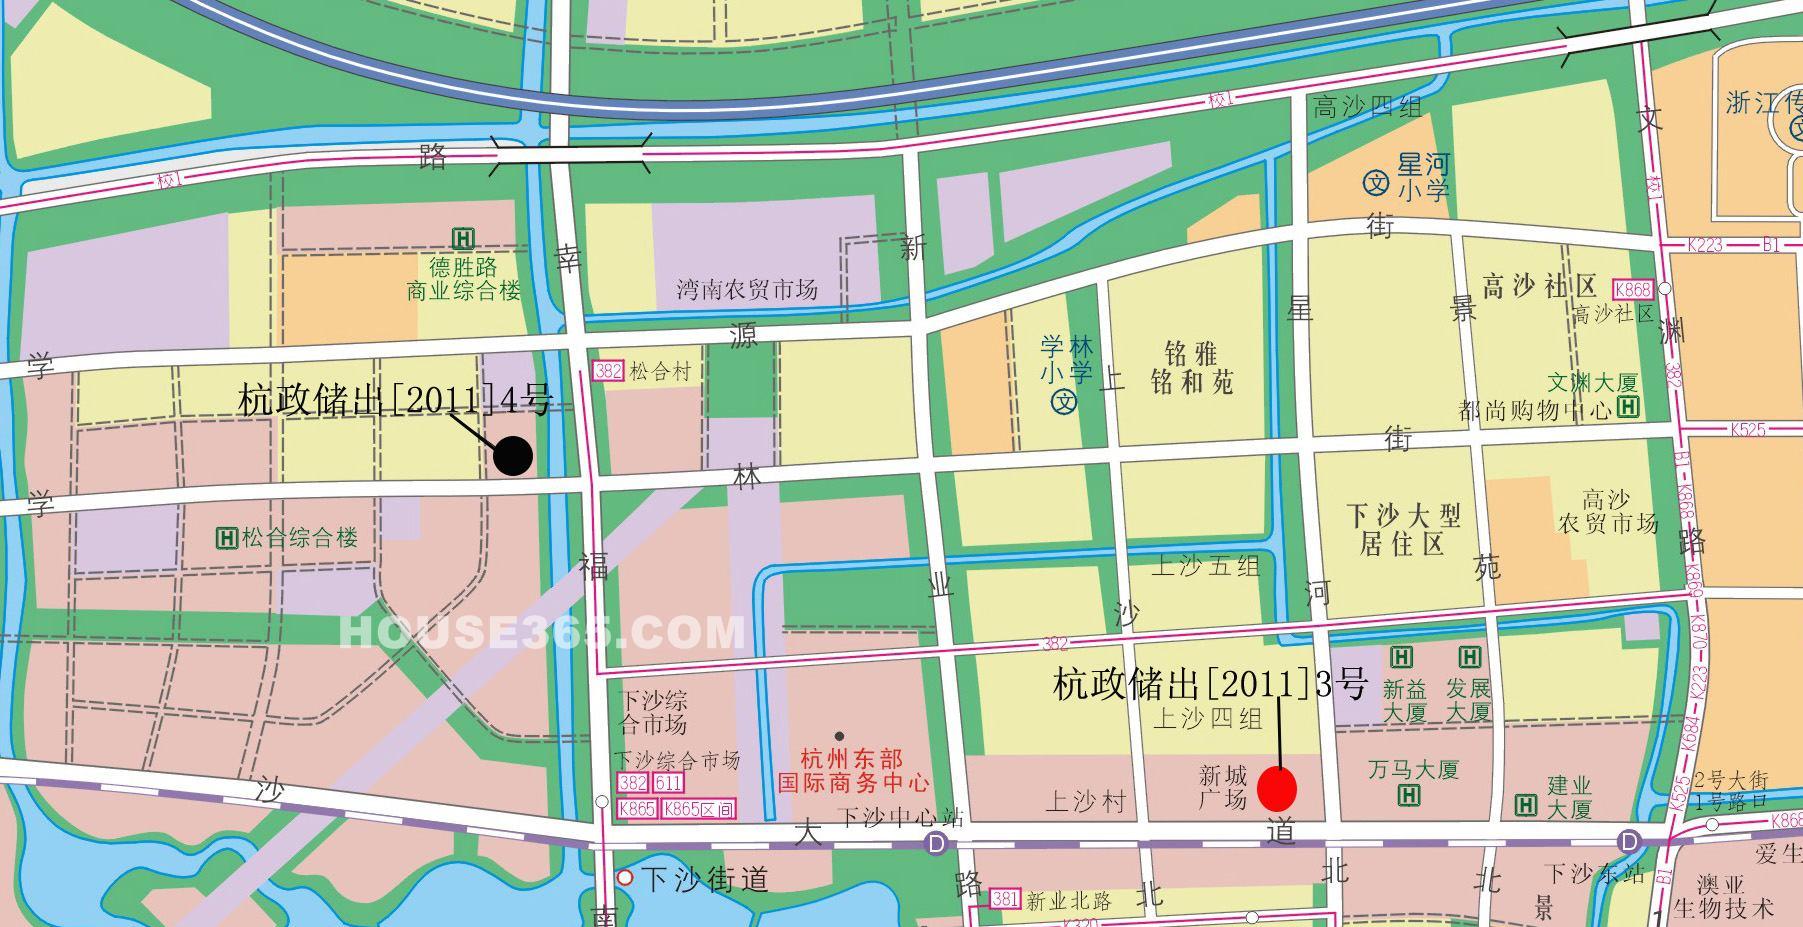 河北金融学院校园地图